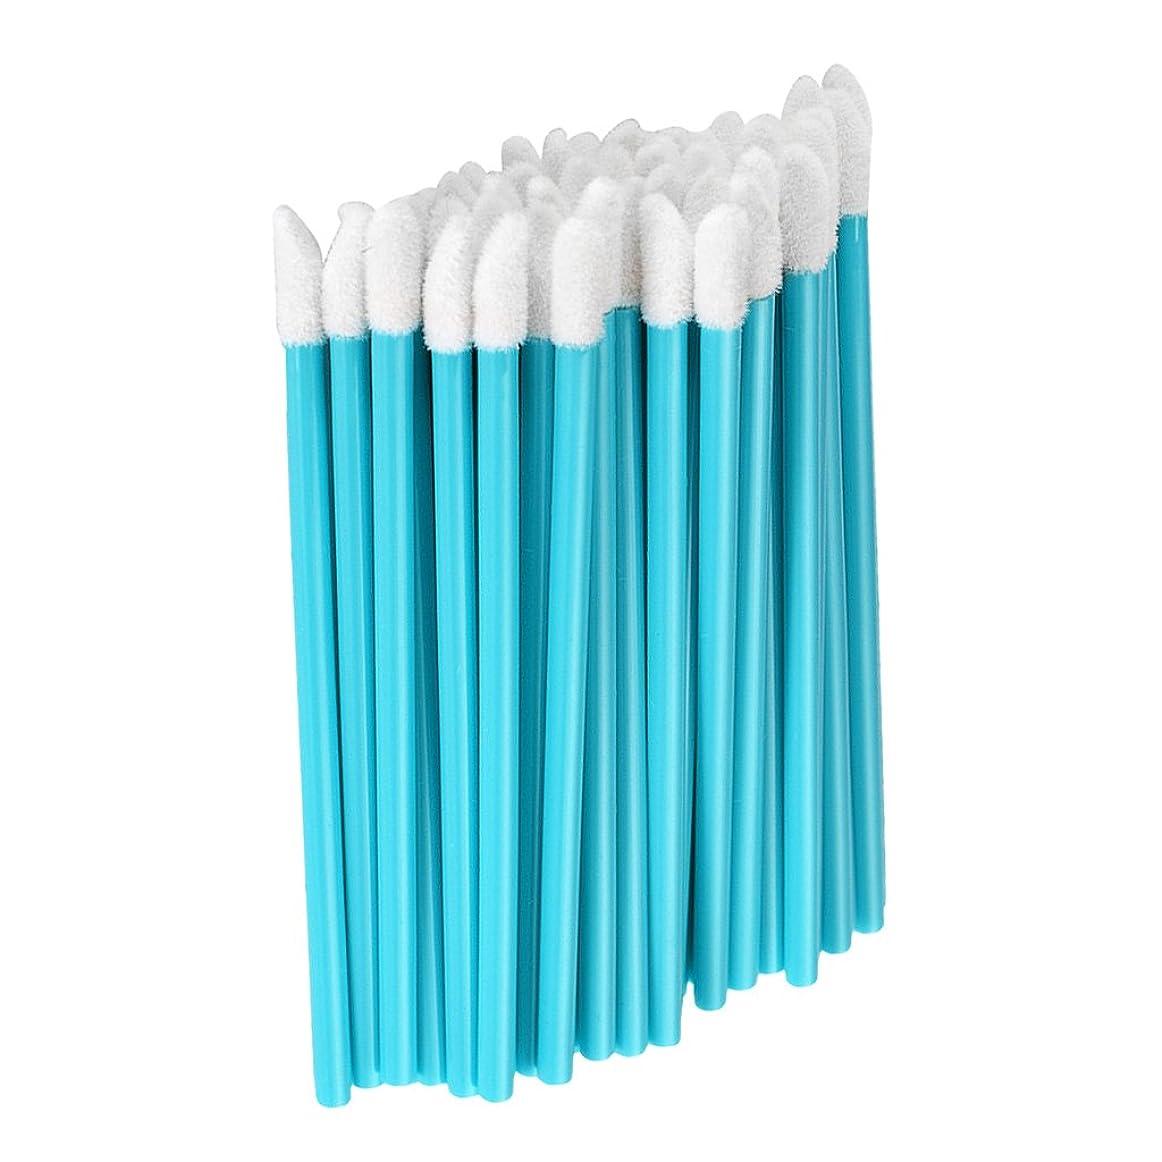 反毒余剰机Fenteer 約50本 メイクアップブラシ リップスティックブラシ 使い捨て リップブラシ リップワンド メイク道具 5色選べる  - 青